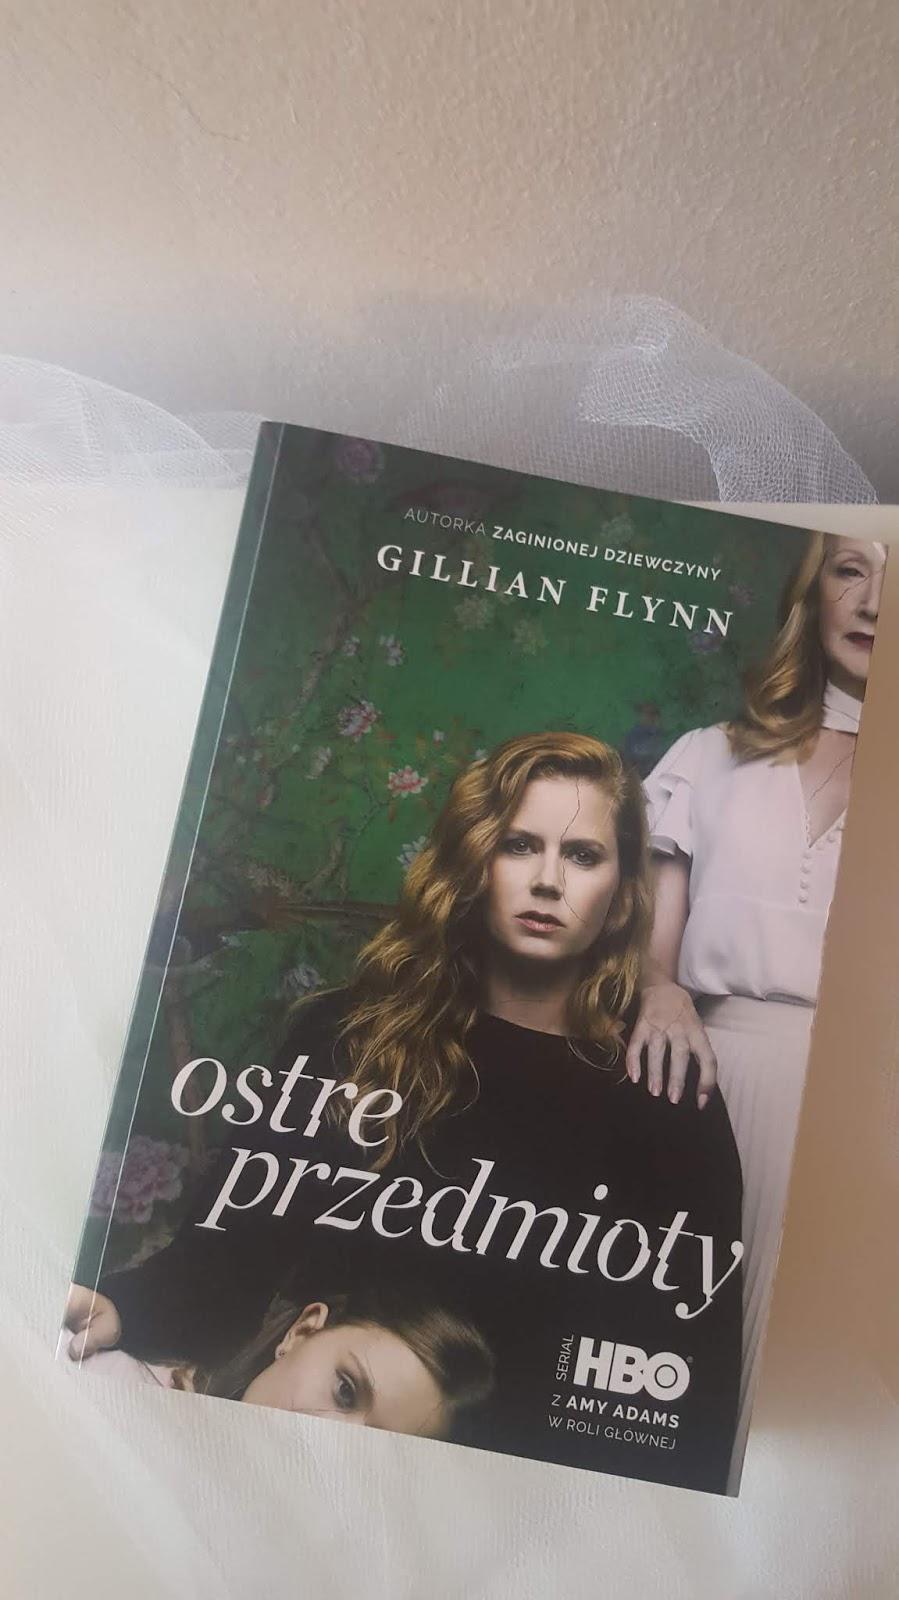 Gillian Flynn - Ostre przedmioty